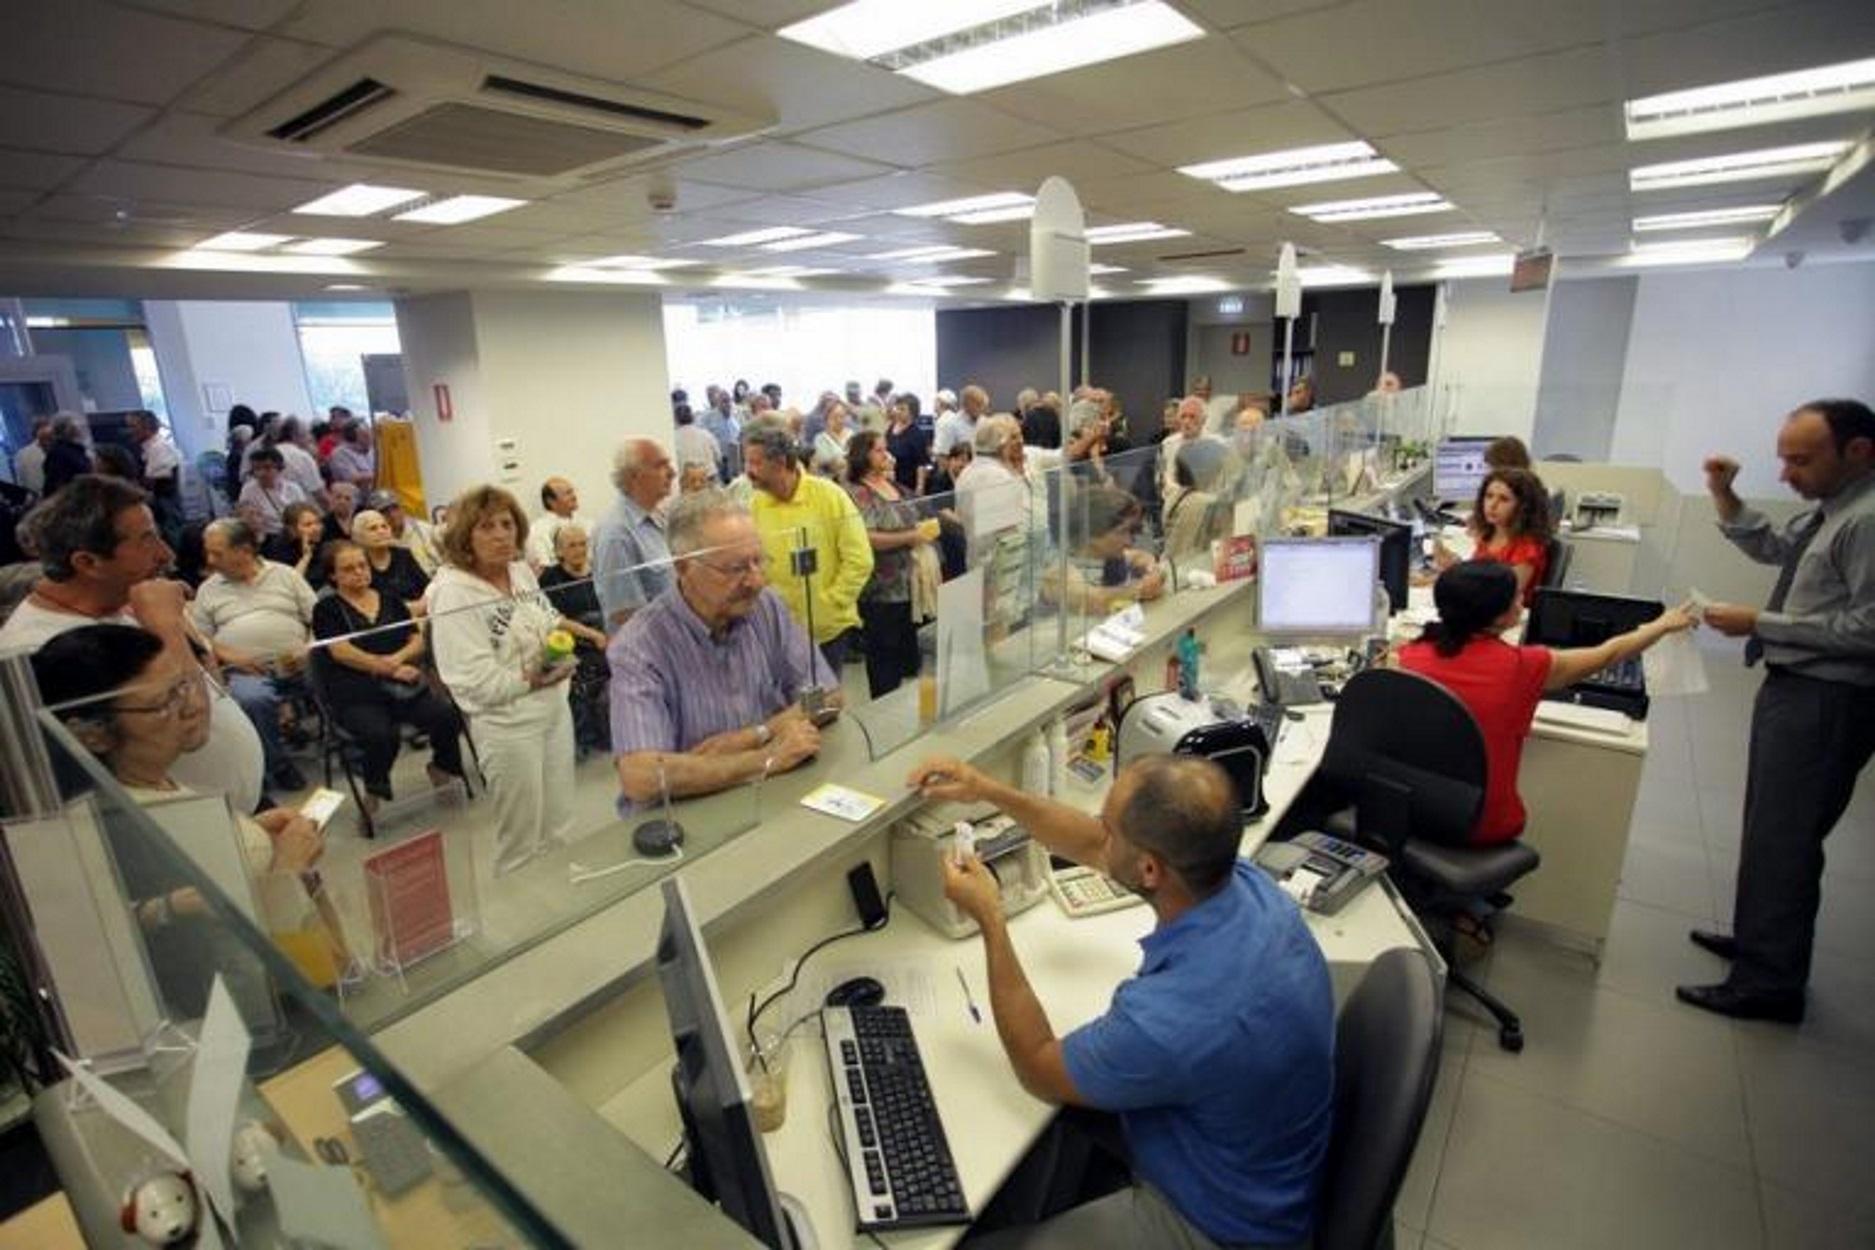 Τράπεζα της Ελλάδος: Αυξήθηκαν οι καταθέσεις τον Σεπτέμβριο